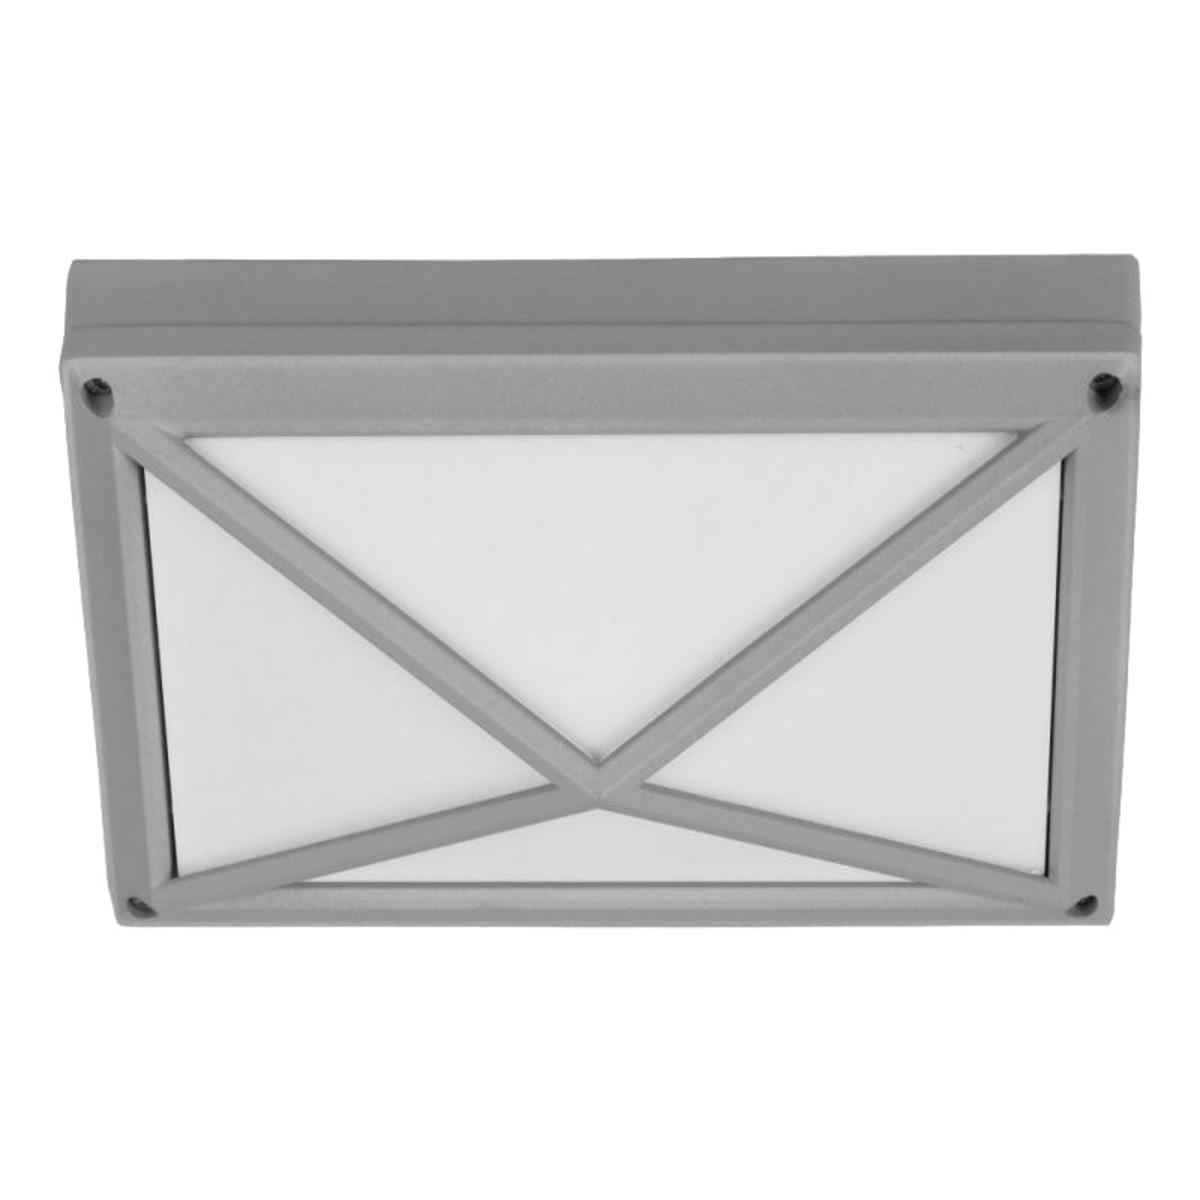 Светильник накладной уличный Ecola Стандарт FS53PSECS IP65